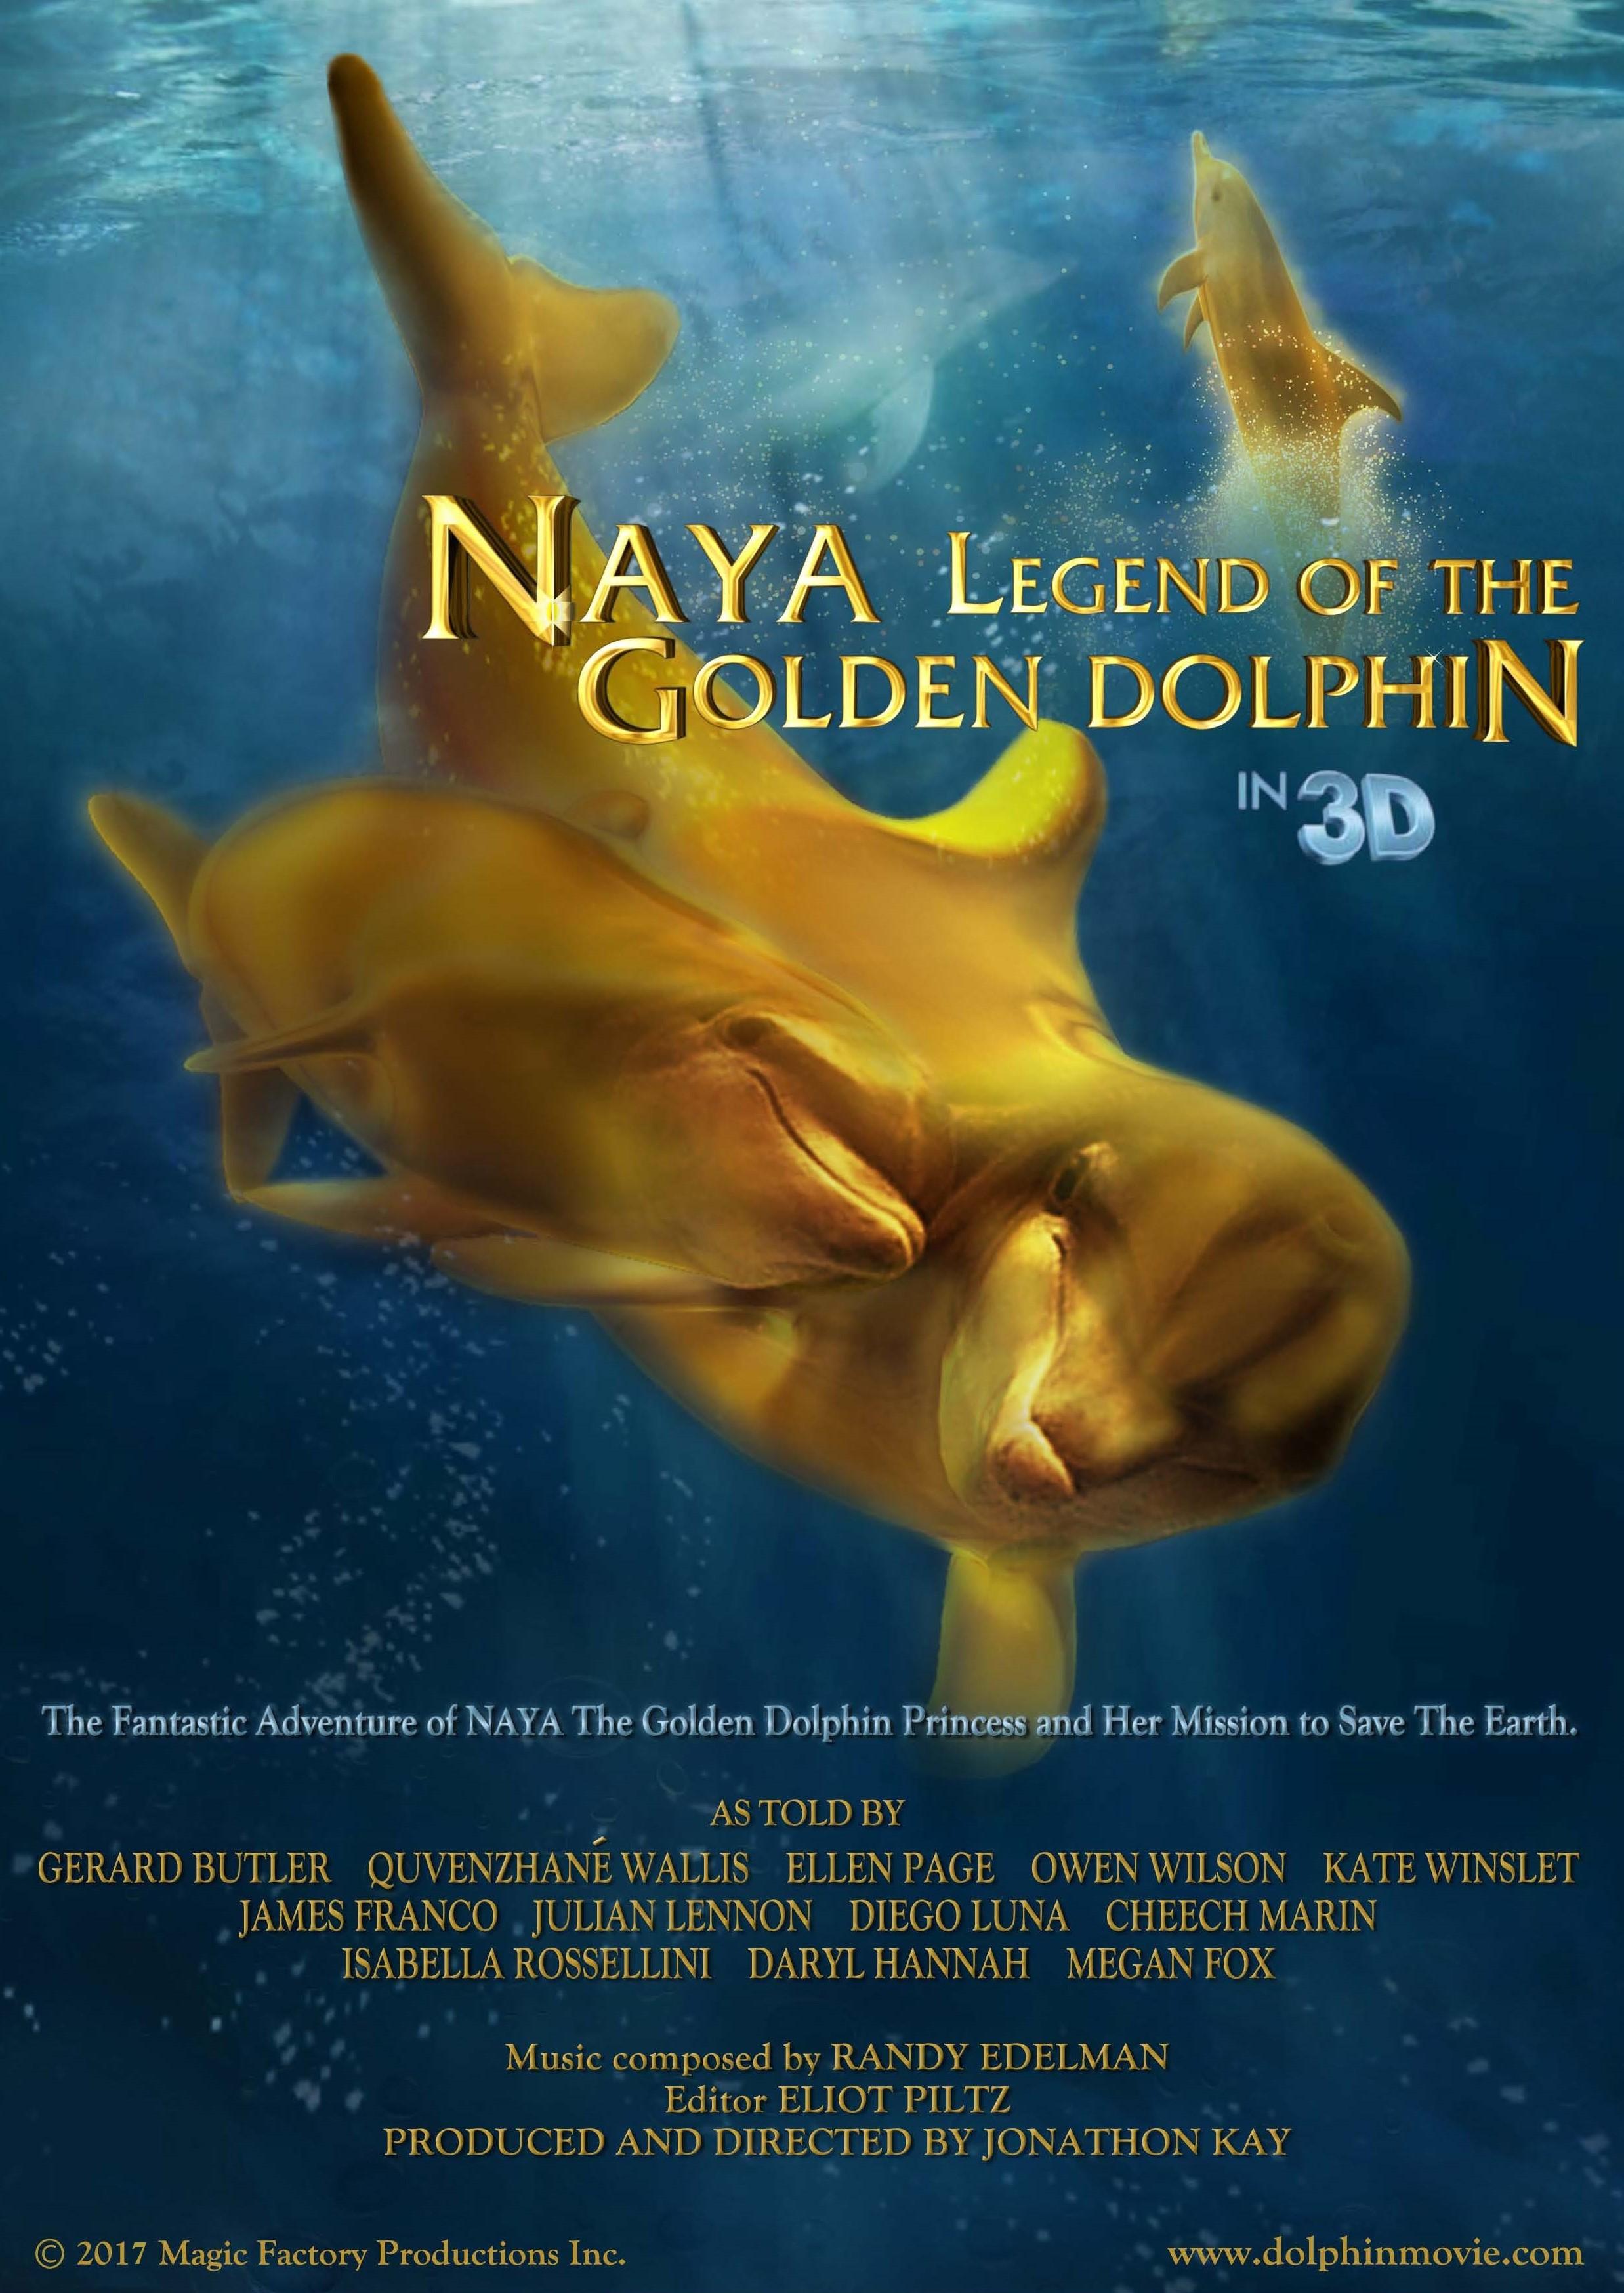 Download pelo celular Naya a lenda do golfinho dourado Qualidade boa